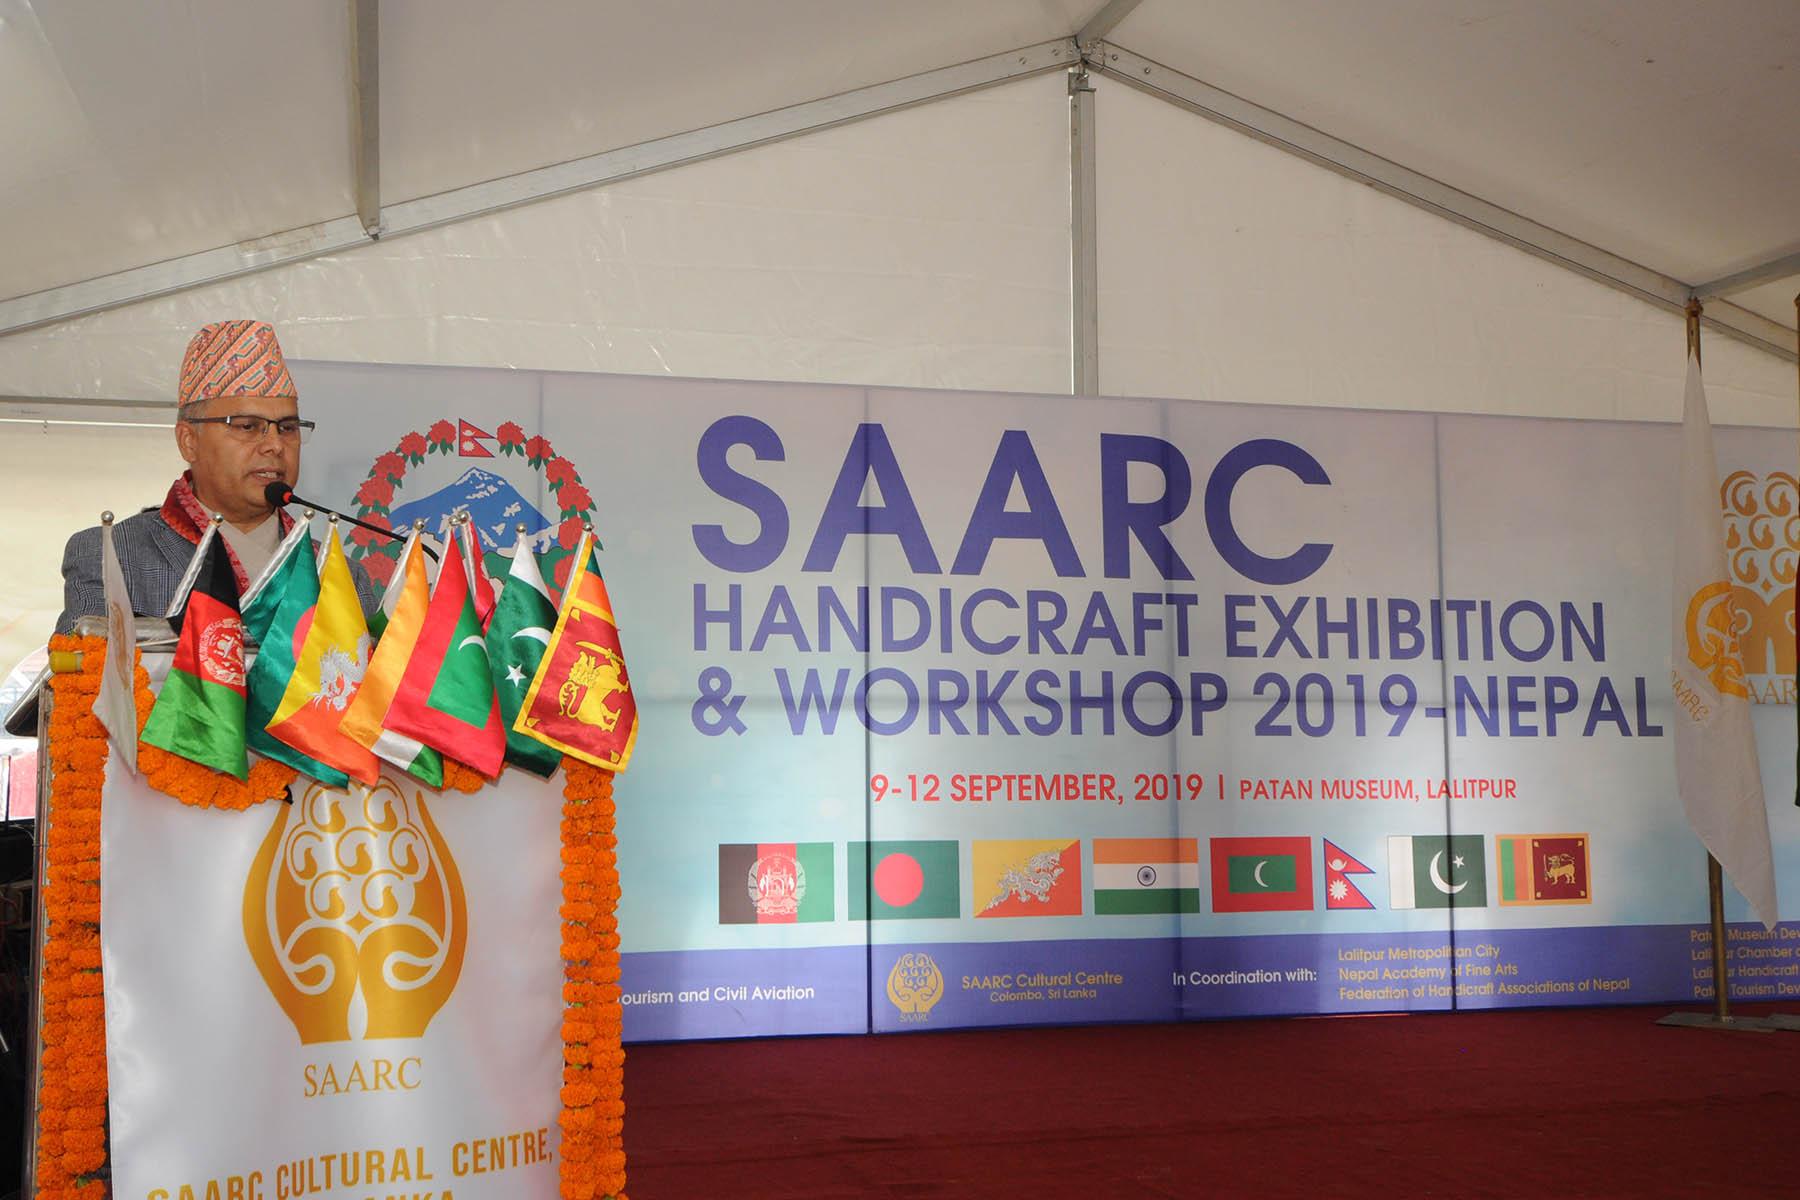 मा. संस्कृति, पर्यटन तथा नागरिक उड्डयन मन्त्री श्री योगेश भट्टरार्इज्यूबाट  SAARC Handicraft Exhibition and Workshop 2019-Nepal को उद्घाटन समारोहका तस्वीरहरु(२०७५-५-२३)